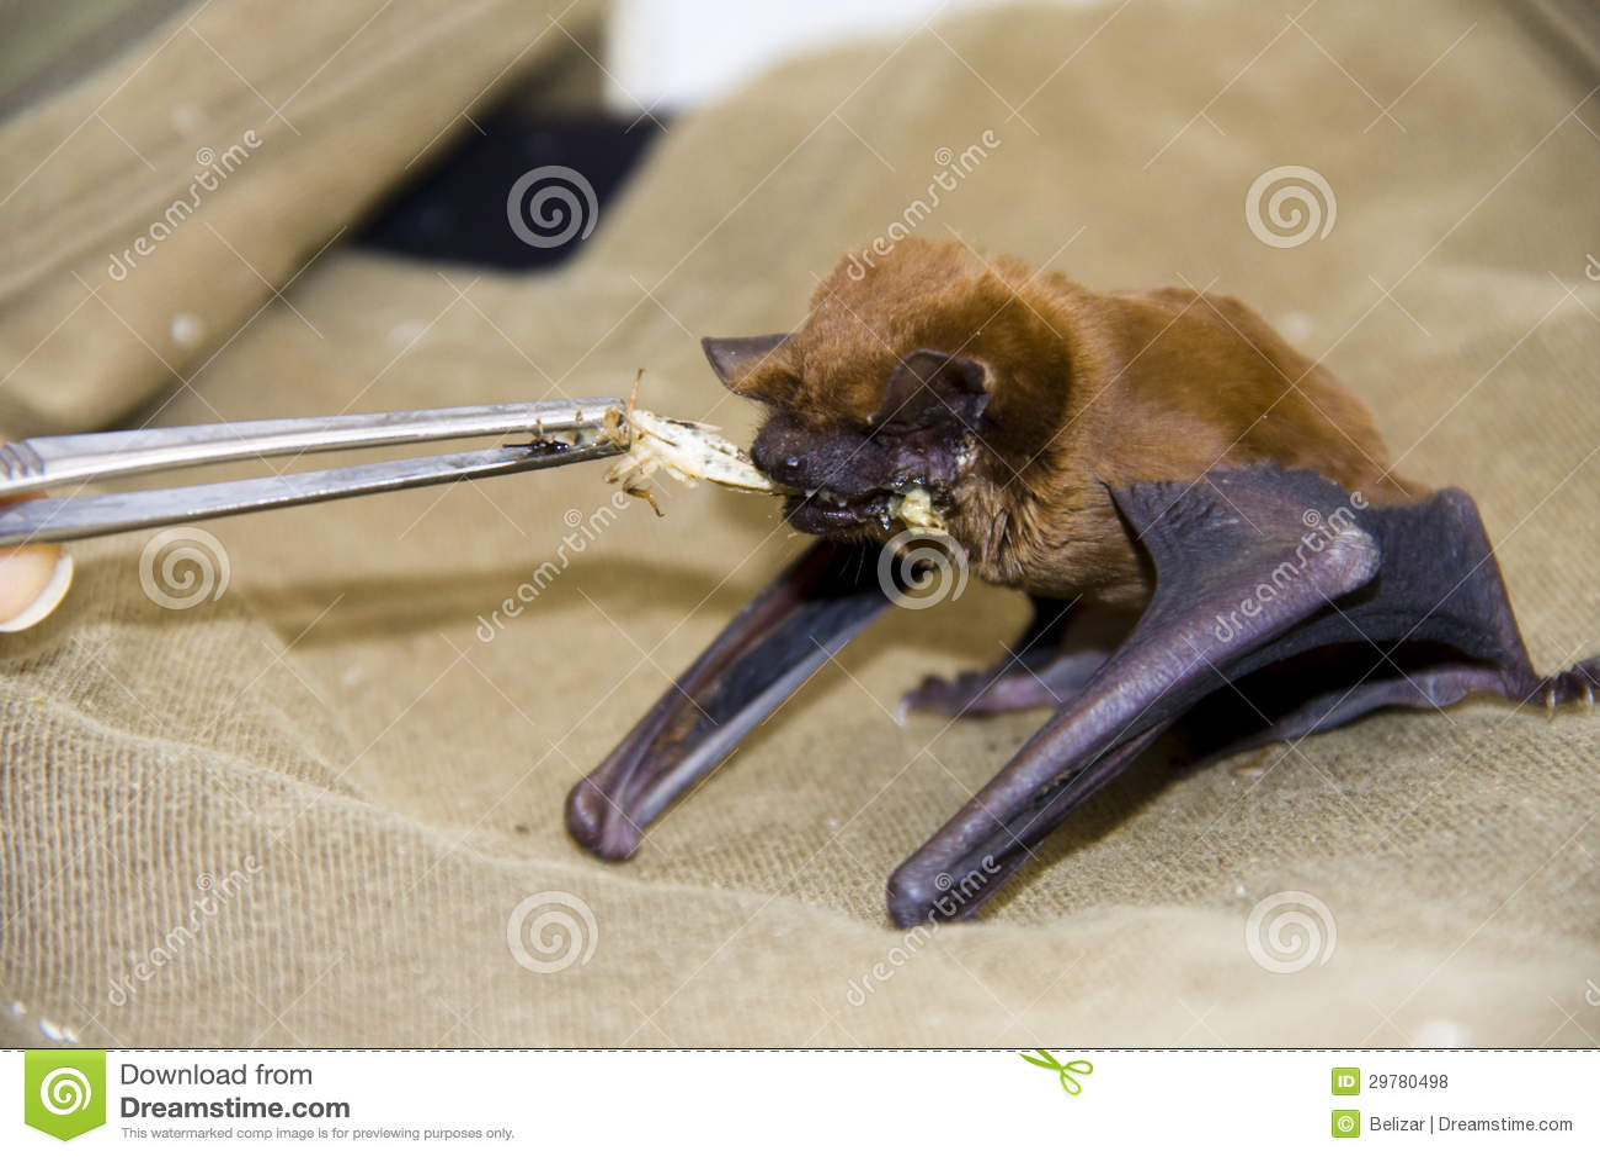 Feeding a bat